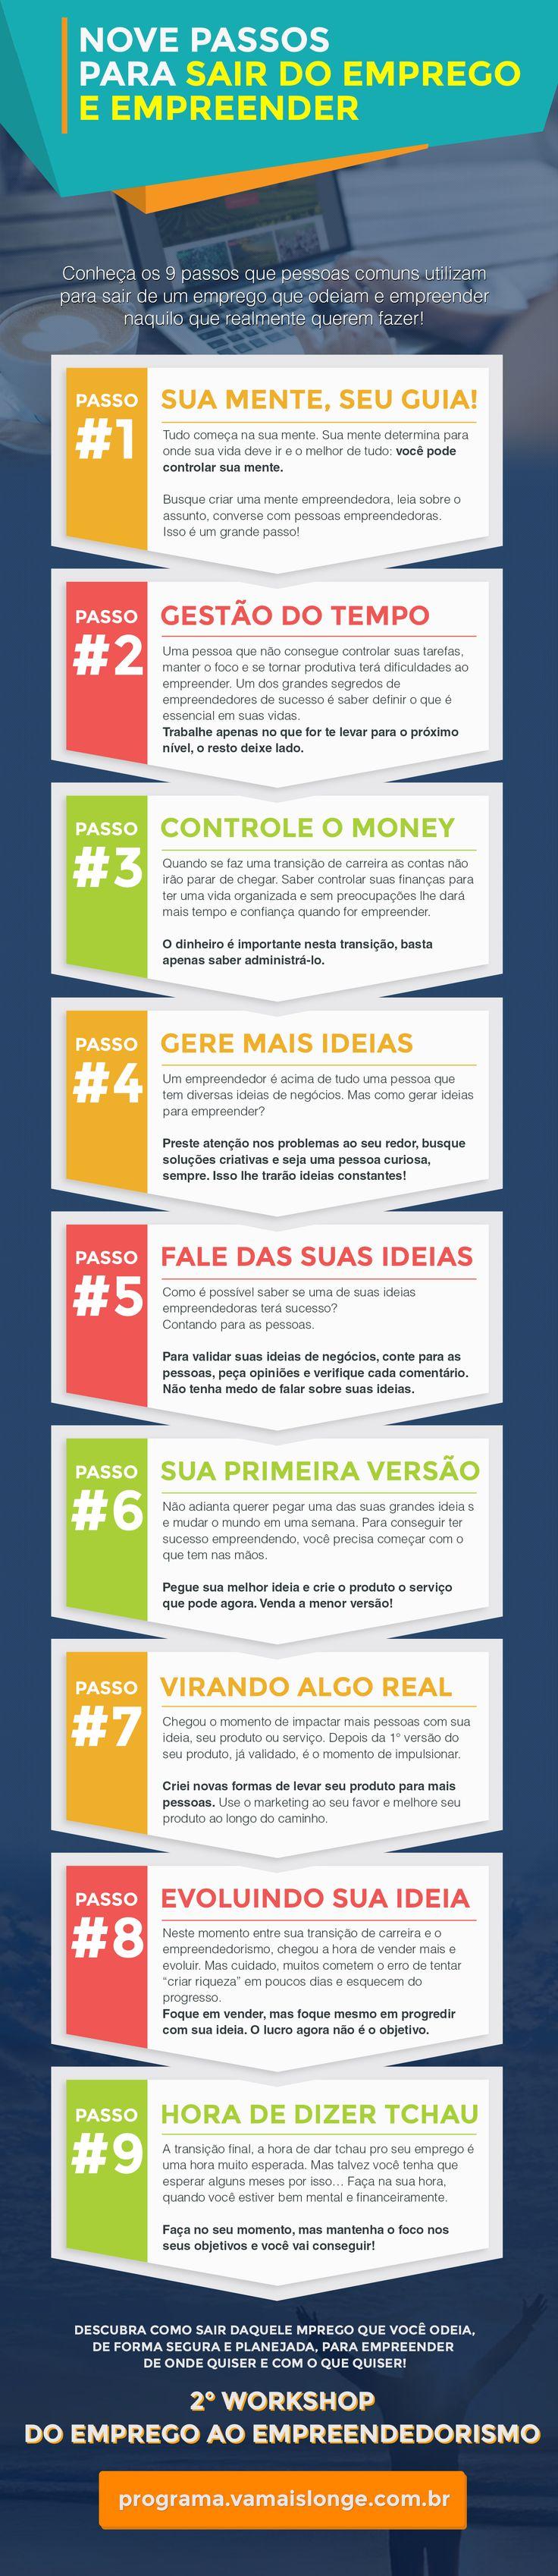 Infográfico: do emprego ao empreendedorismo, os 9 passos!